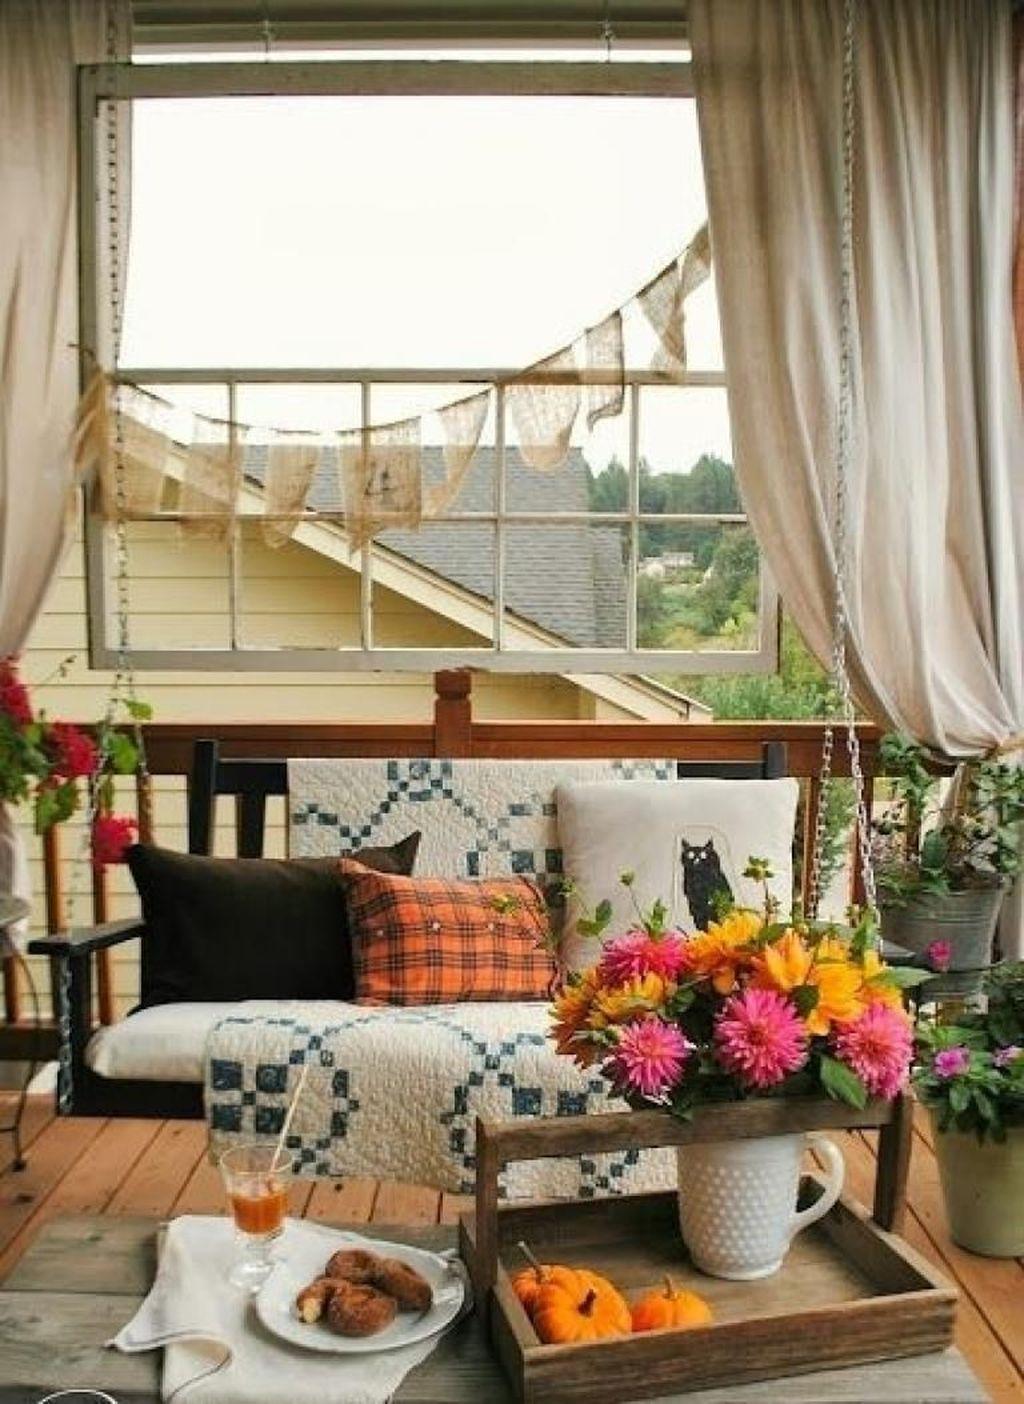 The Best Apartment Balcony Decor Ideas For Fall Season 05